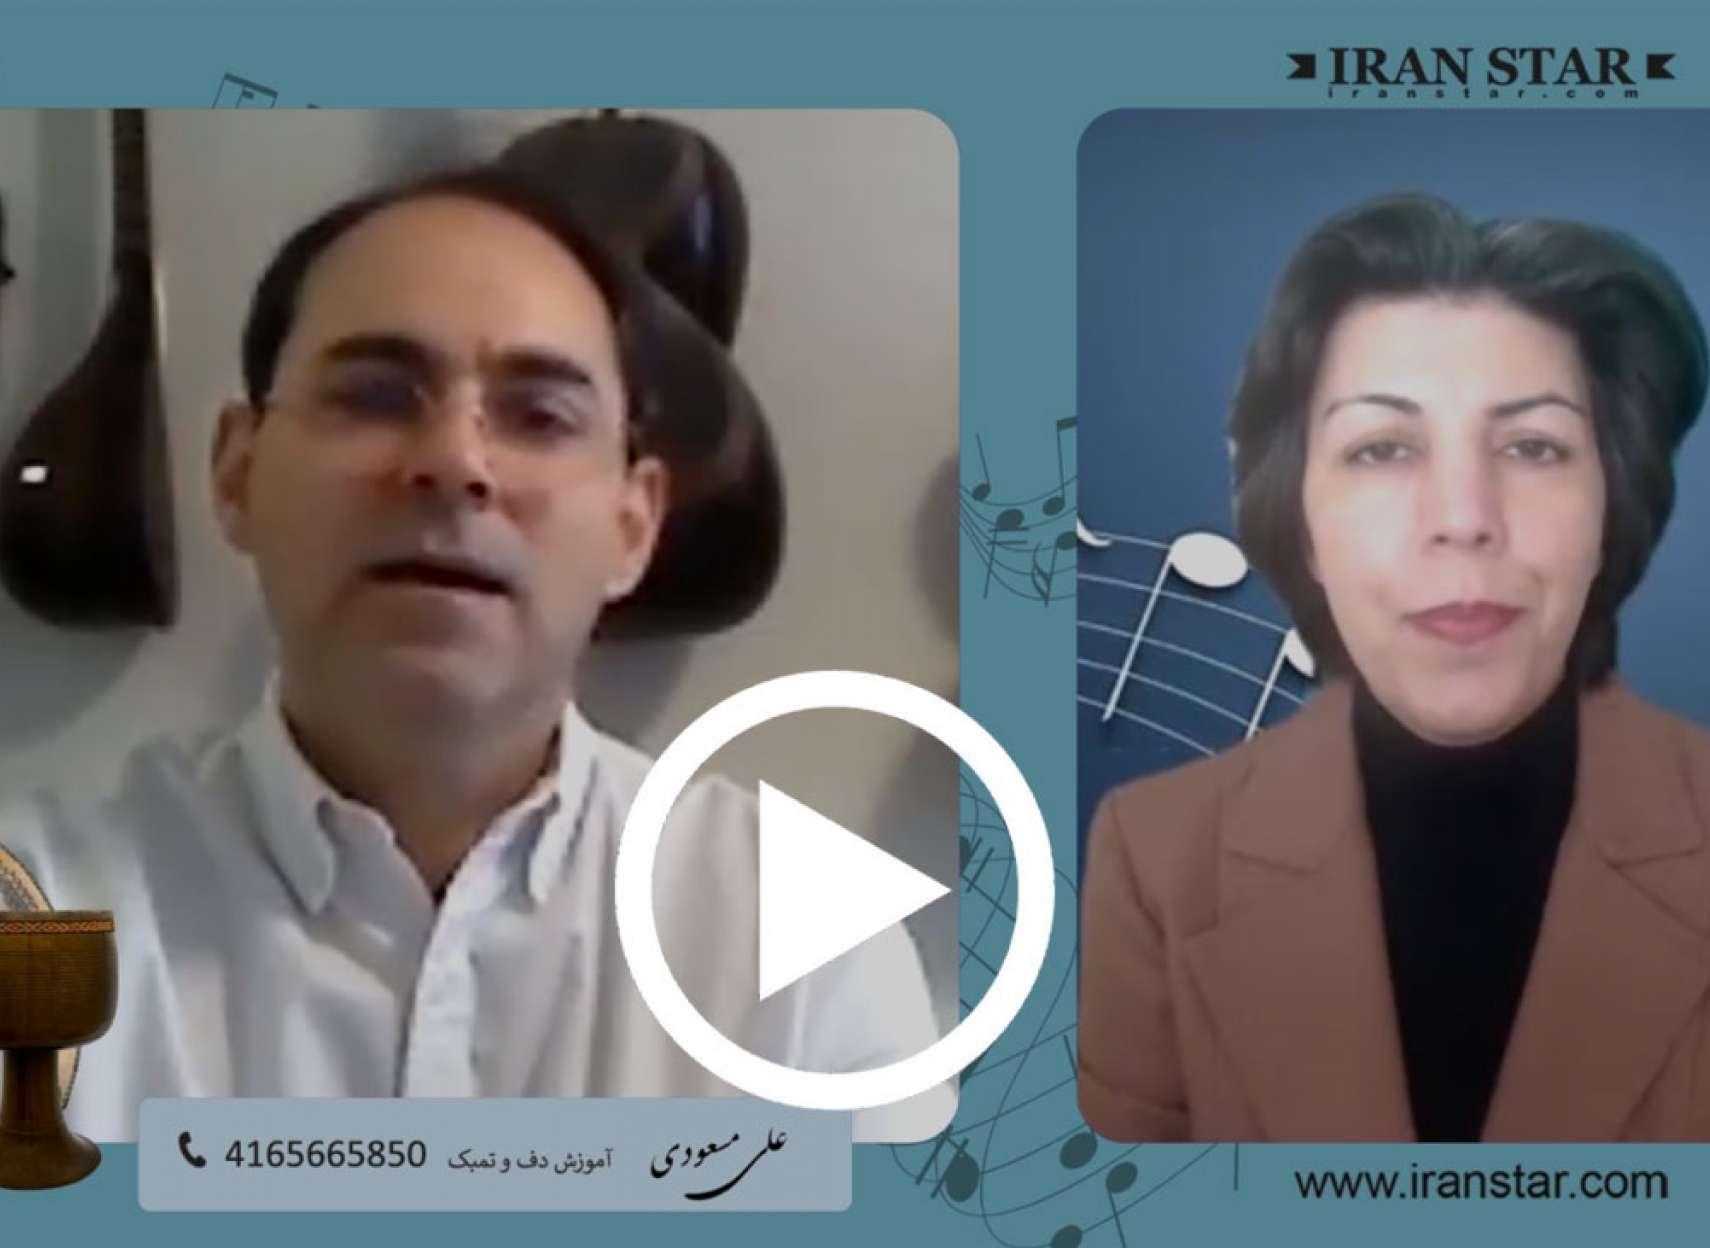 مصاحبه با علی مسعودی نوازنده دف و تمبک: پیش و در حین کرونا وضعیت این موسیقی چگونه است؟